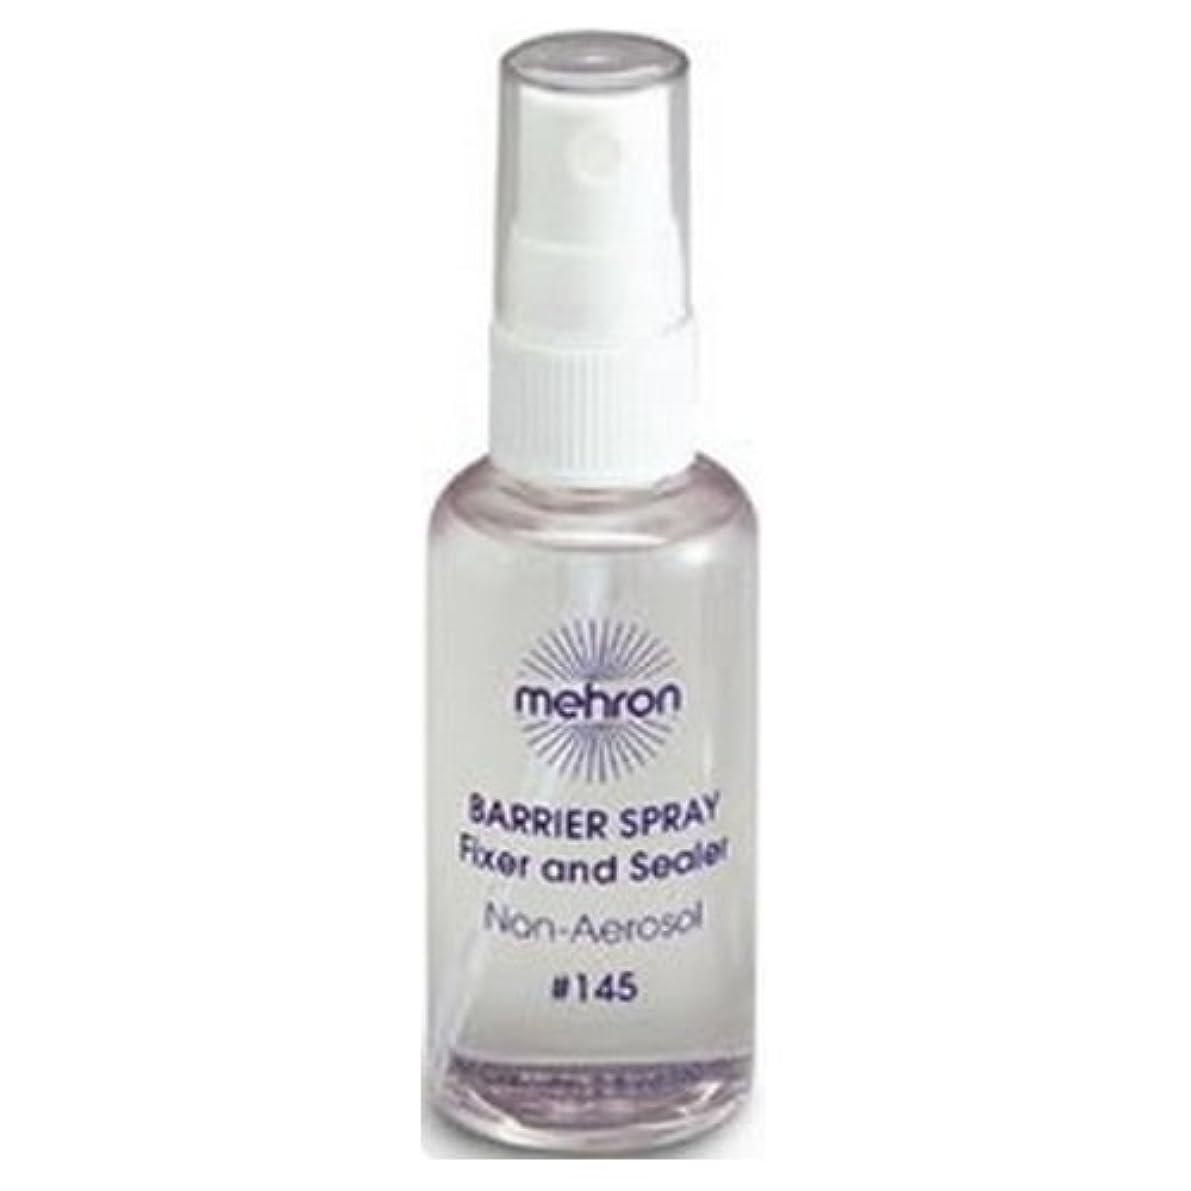 振り子スーパーマーケット販売計画(3 Pack) mehron Barrier Spray Fixer and Sealer - Clear (並行輸入品)